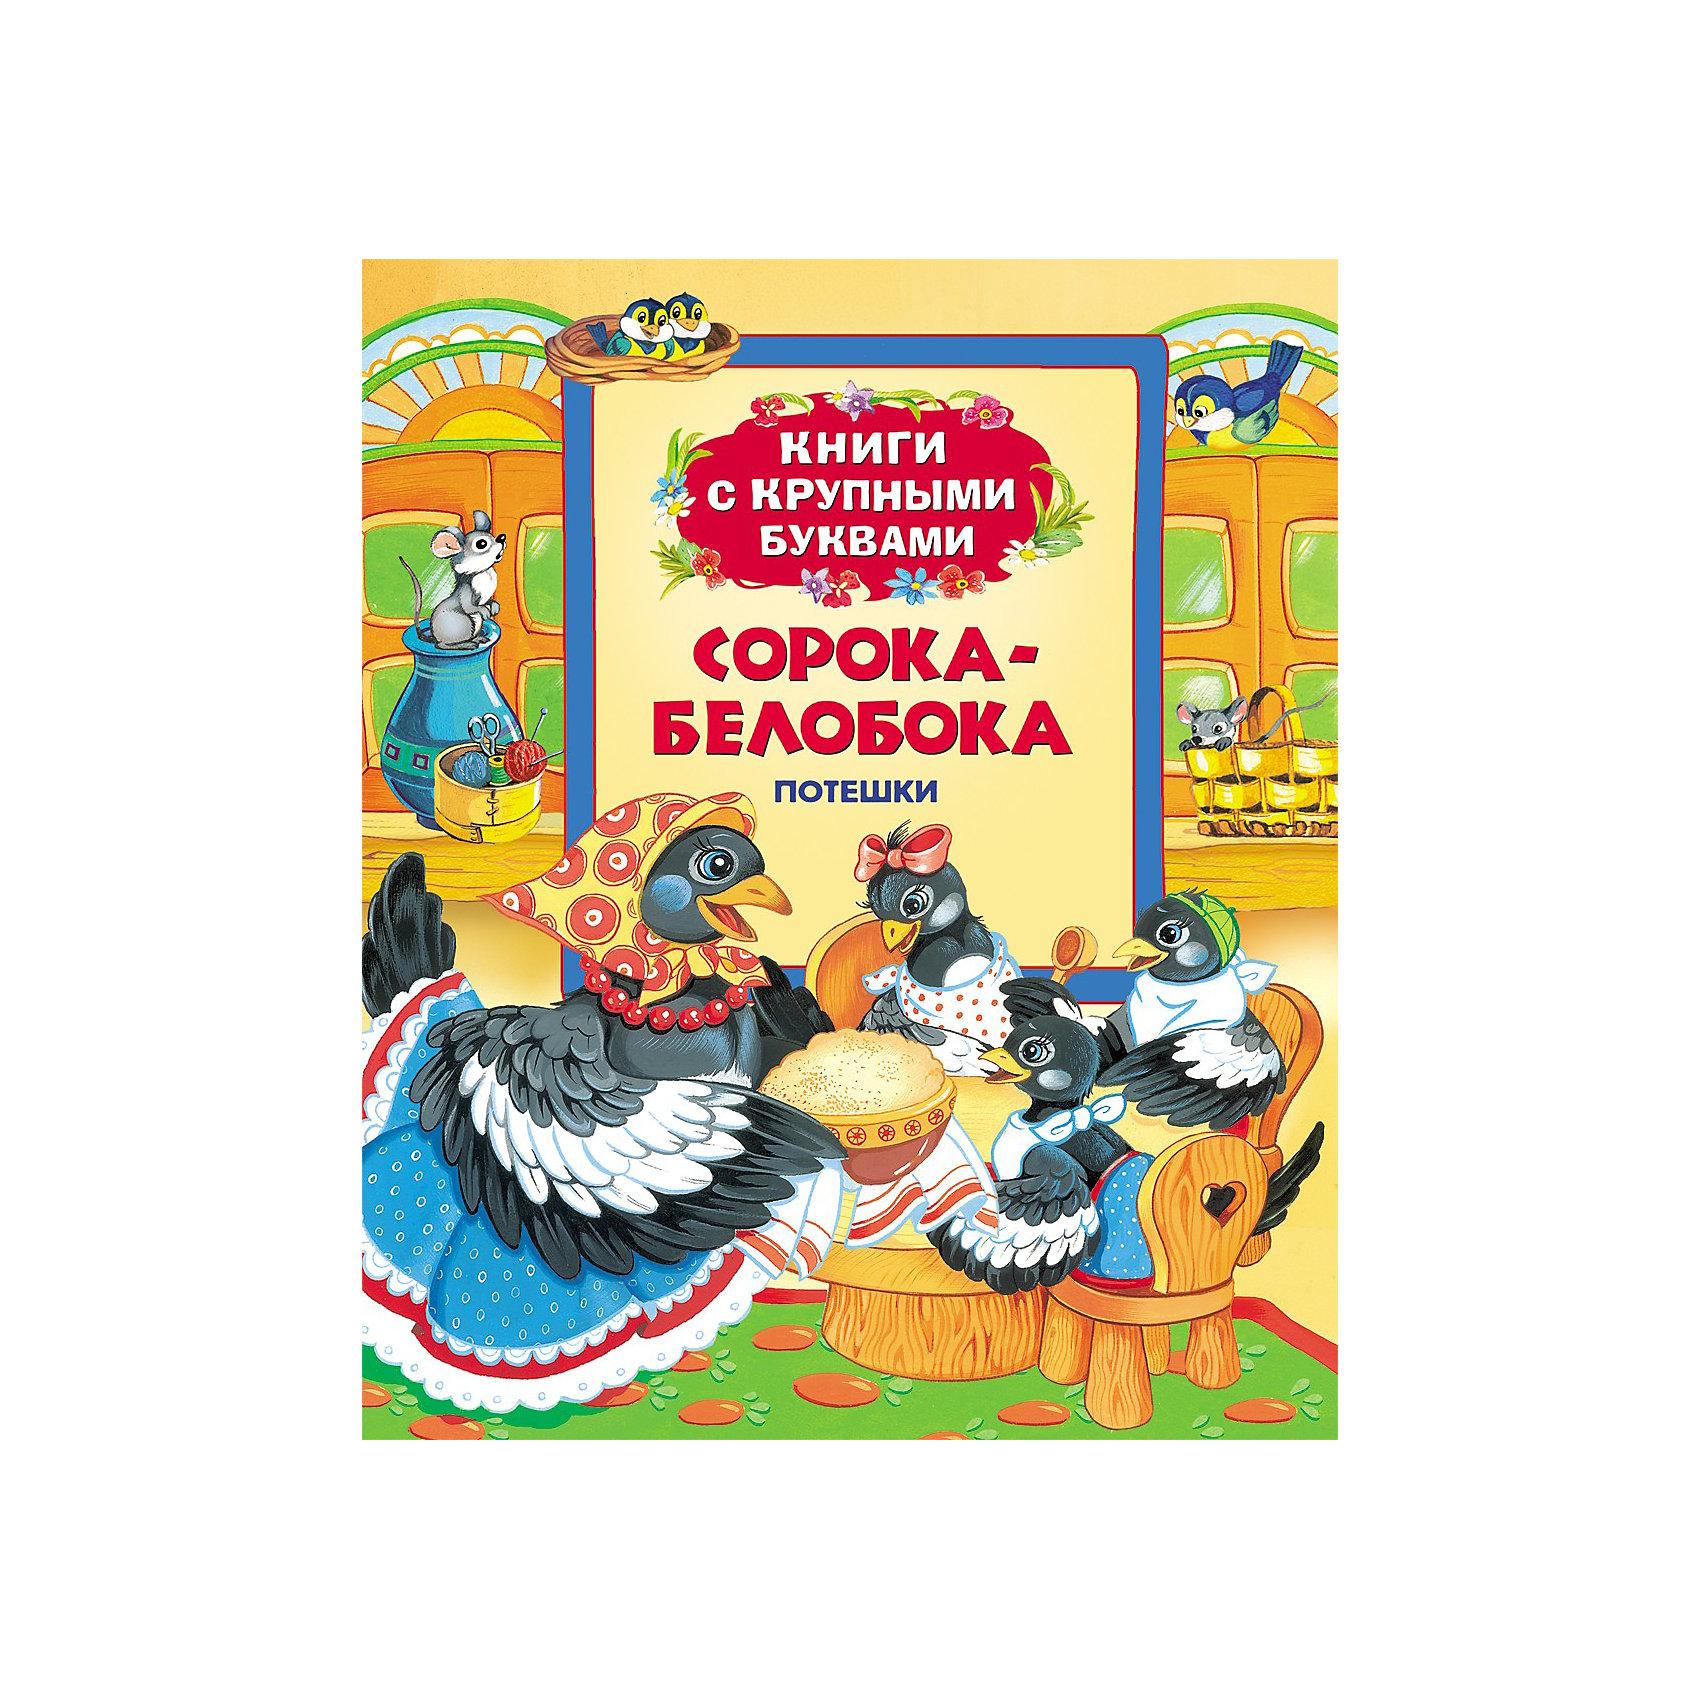 Книга с крупными буквами Сорока-белобокаКнига Потешки Сорока-белобока. Книги с крупными буквами, Росмэн собрала  самые известные потешки, предназначенные для самостоятельного чтения детьми. <br><br>Книга представлена потешками: <br>- Идет коза рогатая<br>- Сорока-белобока<br>- Котя, котенька-коток и др.  <br><br>Книга «Потешки» станет прекрасным подарком Вашему малышу!<br><br>Дополнительная информация:<br><br>- Серия: Книги с крупными буквами<br>- Иллюстратор: В. Коркин<br>- Переплет: твердый<br>- Количество страниц: 32<br>- Размер: 24 х 20,5 см<br>- Вес: 300 г.<br><br>Книгу «Потешки Сорока-белобока. Книги с крупными буквами, Росмэн» можно купить в нашем интернет-магазине.<br><br>Ширина мм: 240<br>Глубина мм: 205<br>Высота мм: 8<br>Вес г: 296<br>Возраст от месяцев: 36<br>Возраст до месяцев: 60<br>Пол: Унисекс<br>Возраст: Детский<br>SKU: 3565976